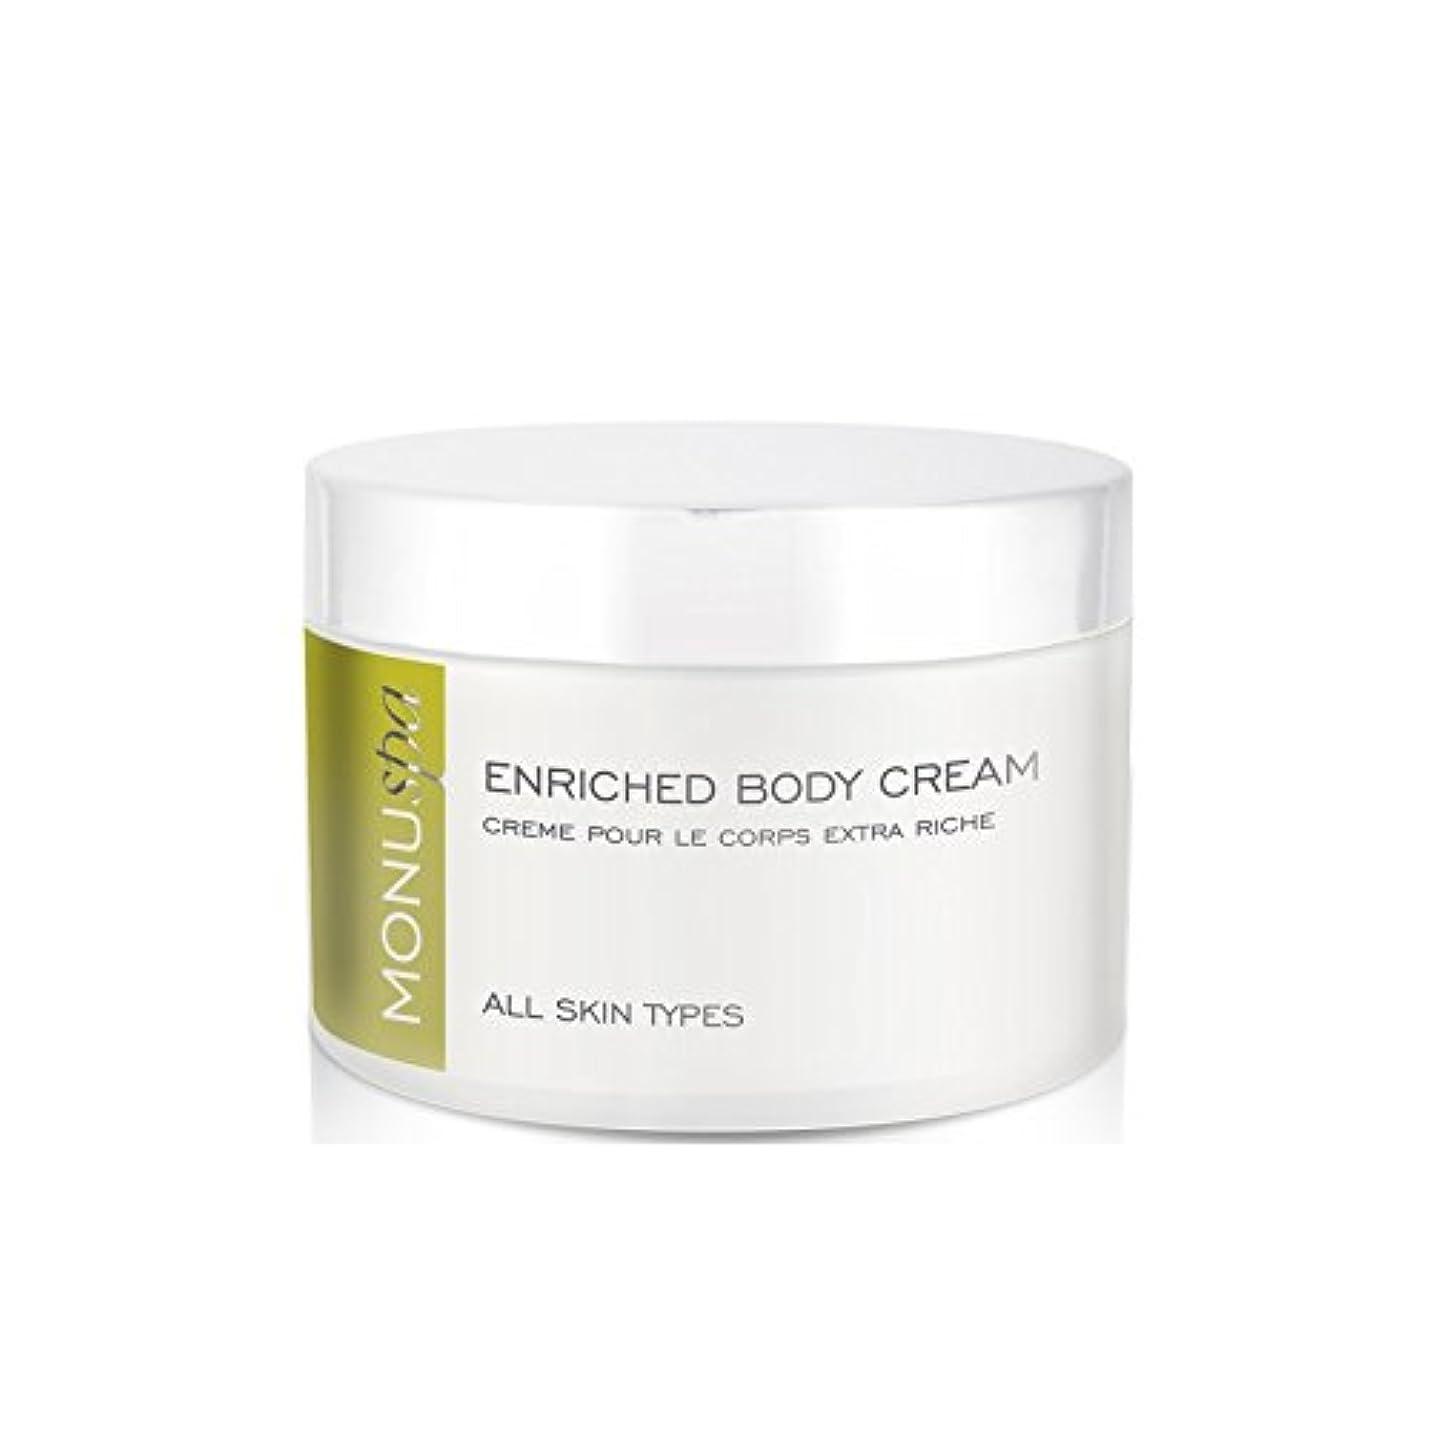 中性薄いです草MONUspa Enriched Body Cream 200ml (Pack of 6) - 濃縮ボディクリーム200ミリリットル x6 [並行輸入品]